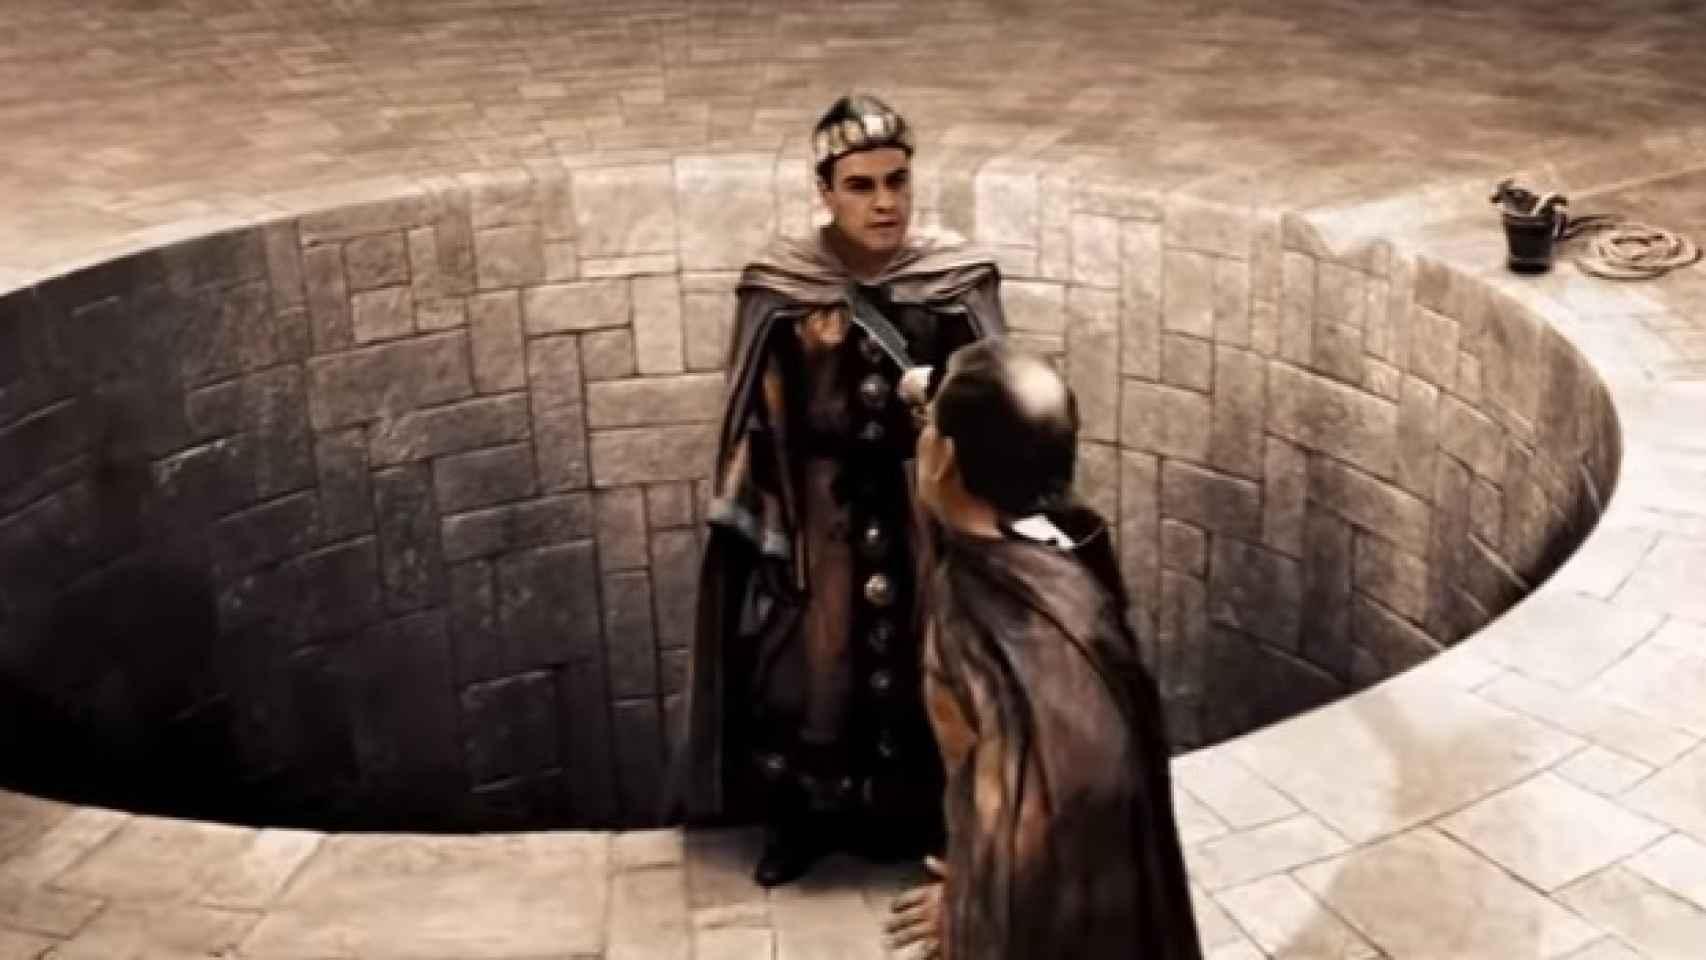 Rajoy-Leónidas apunta con su espada a un Pedro Sánchez al borde del abismo.